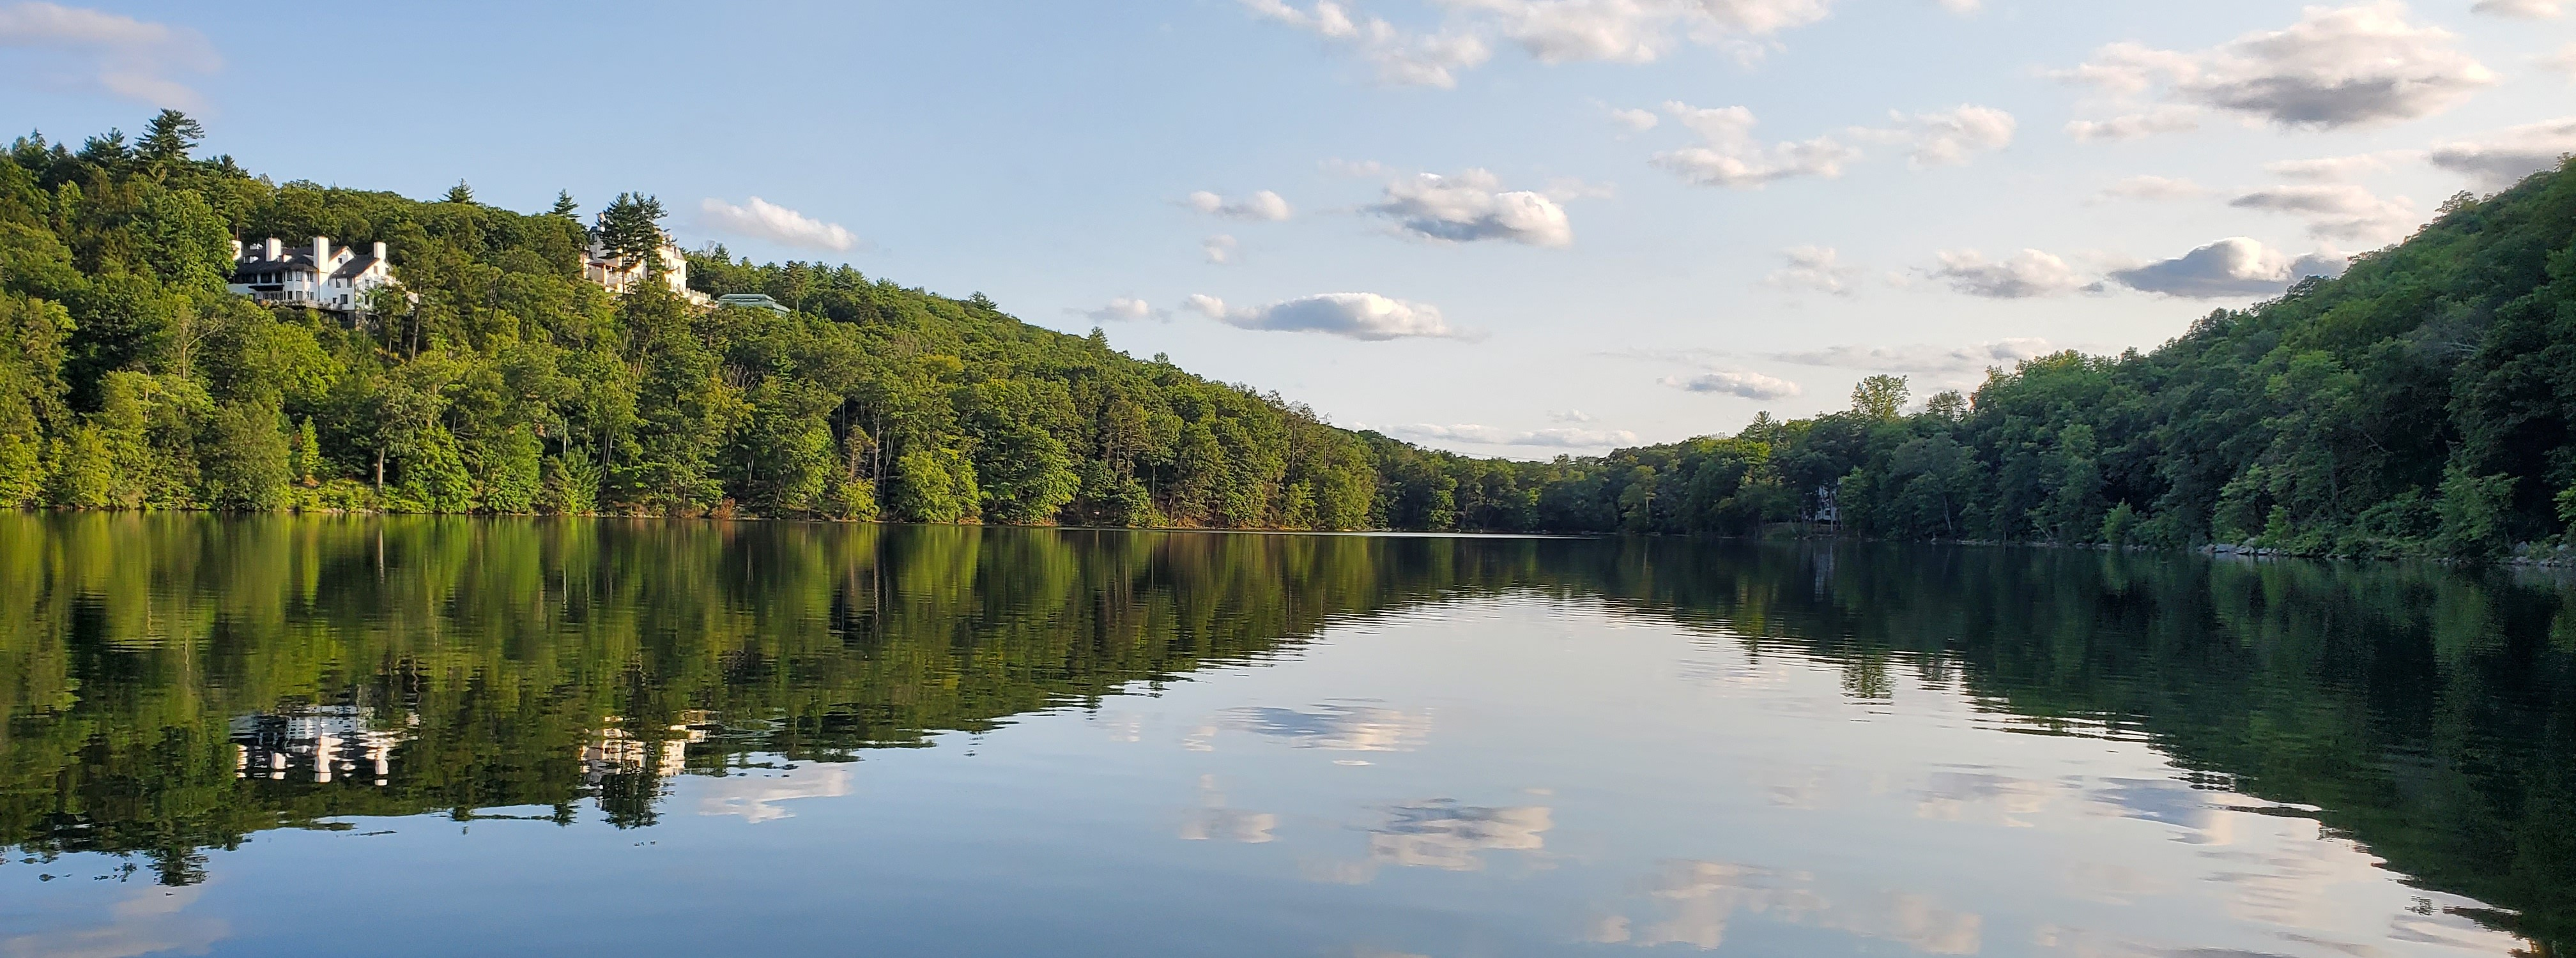 South Lake View